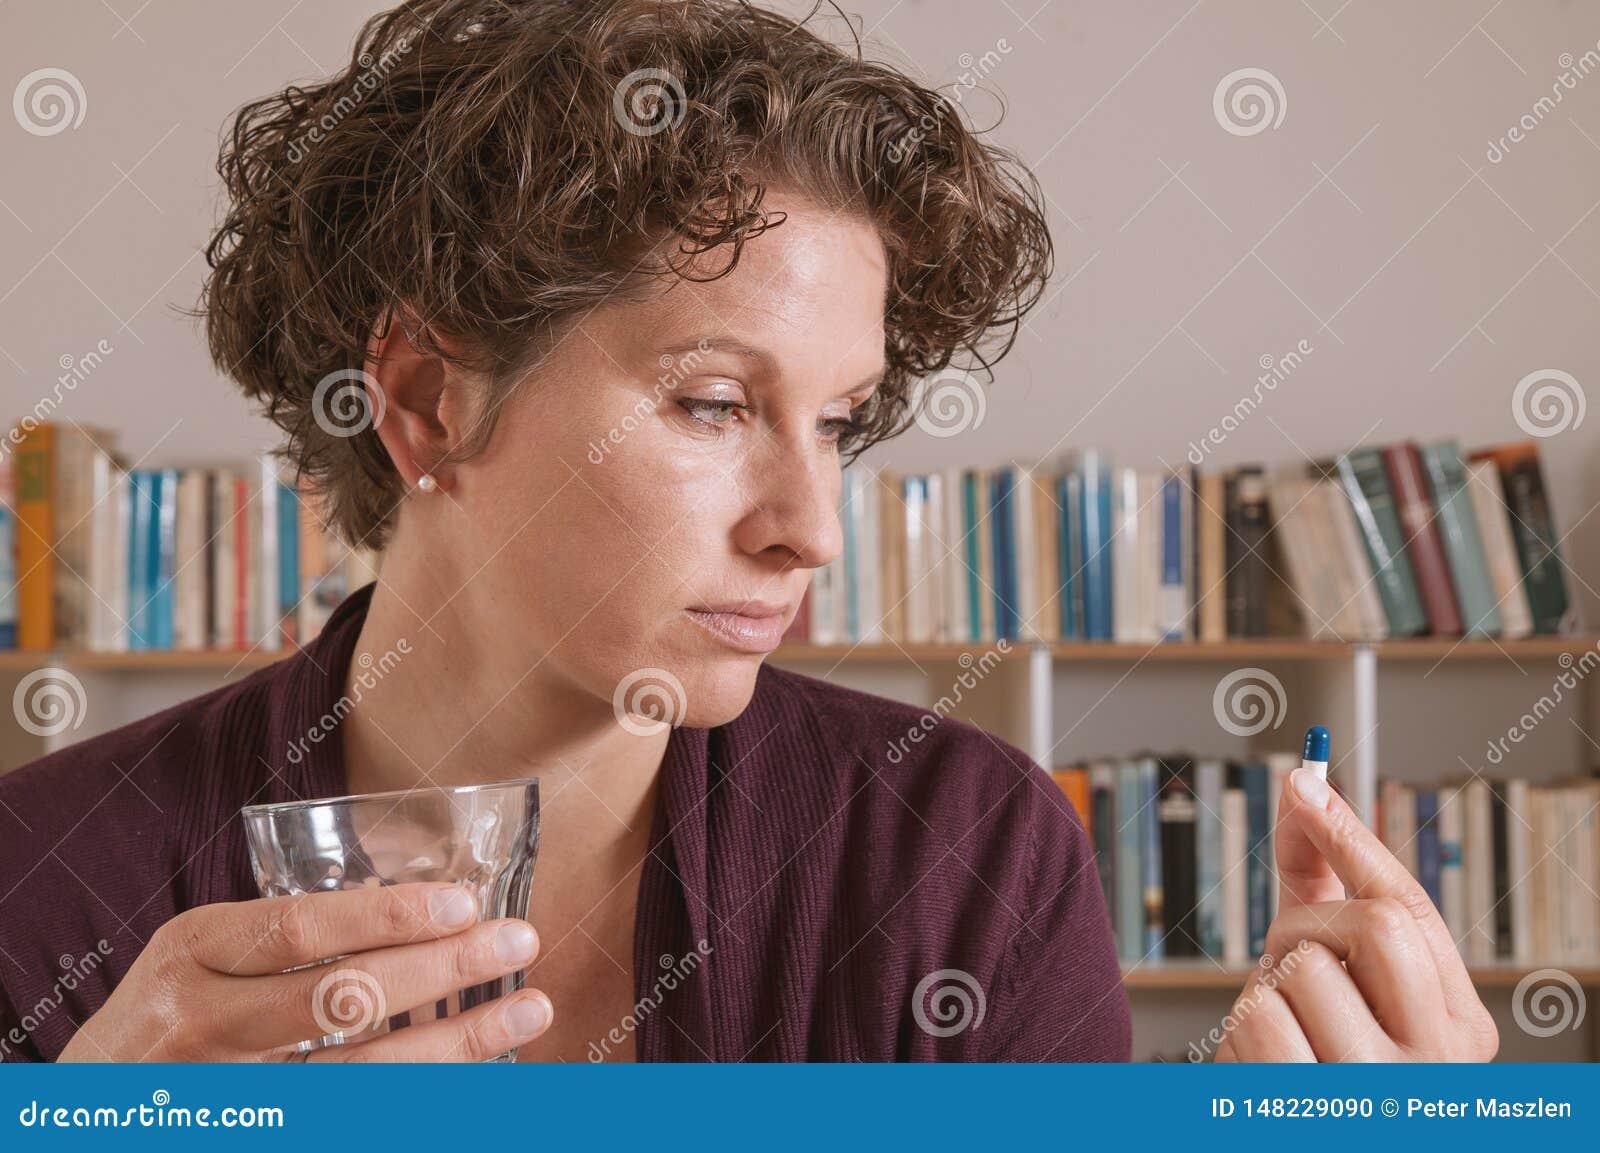 Junge Frau sorgte sich um das Nehmen der Pille